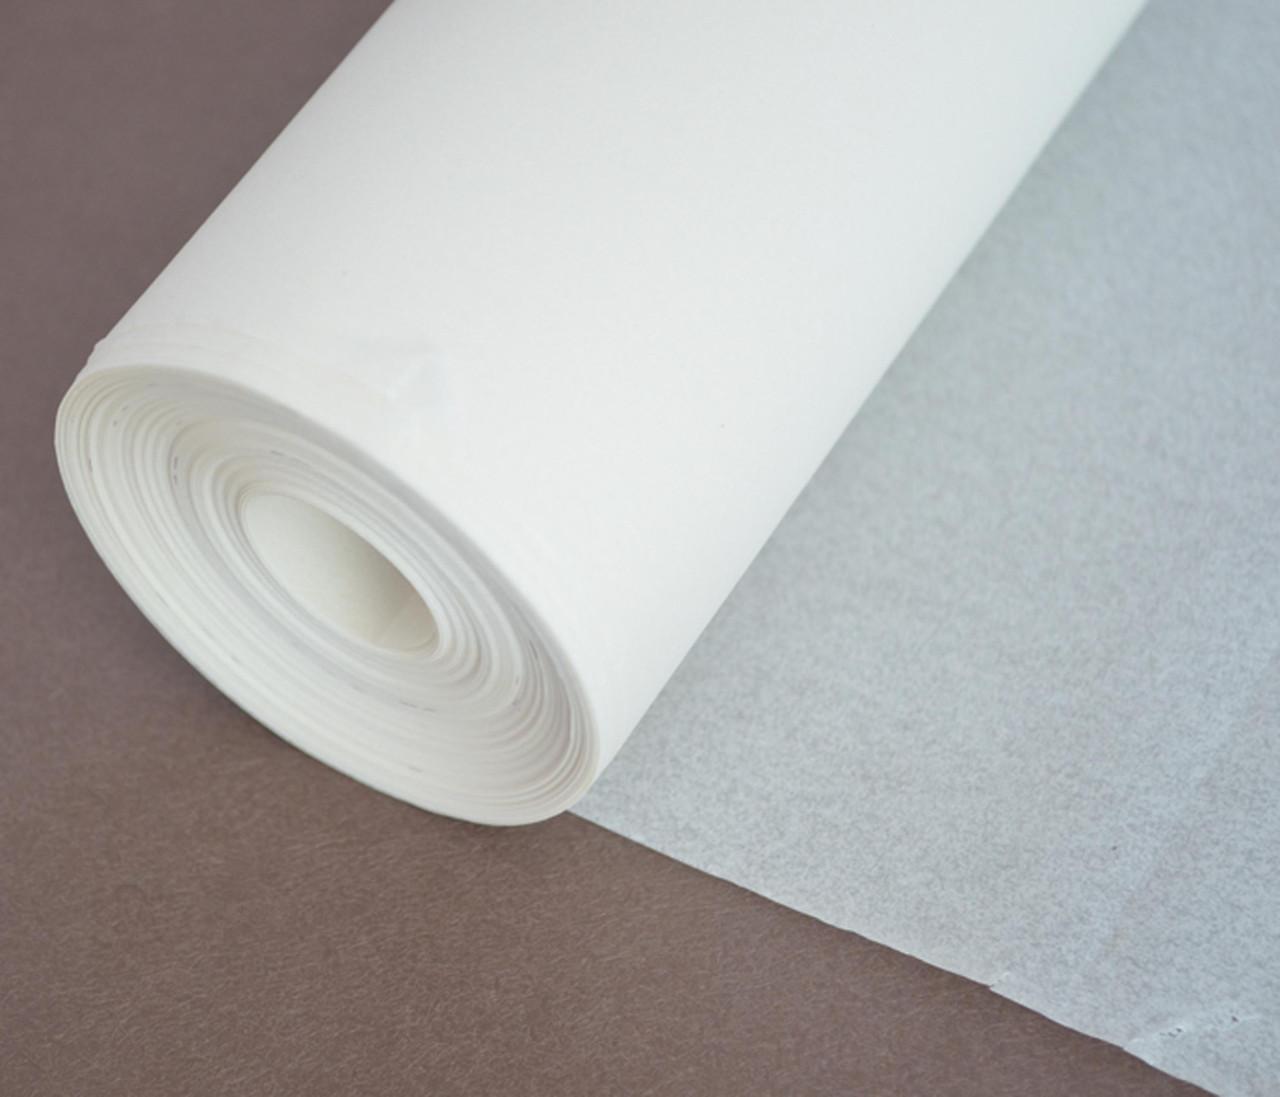 Калька цена купить ткань для перетяжки потолка автомобиля в спб